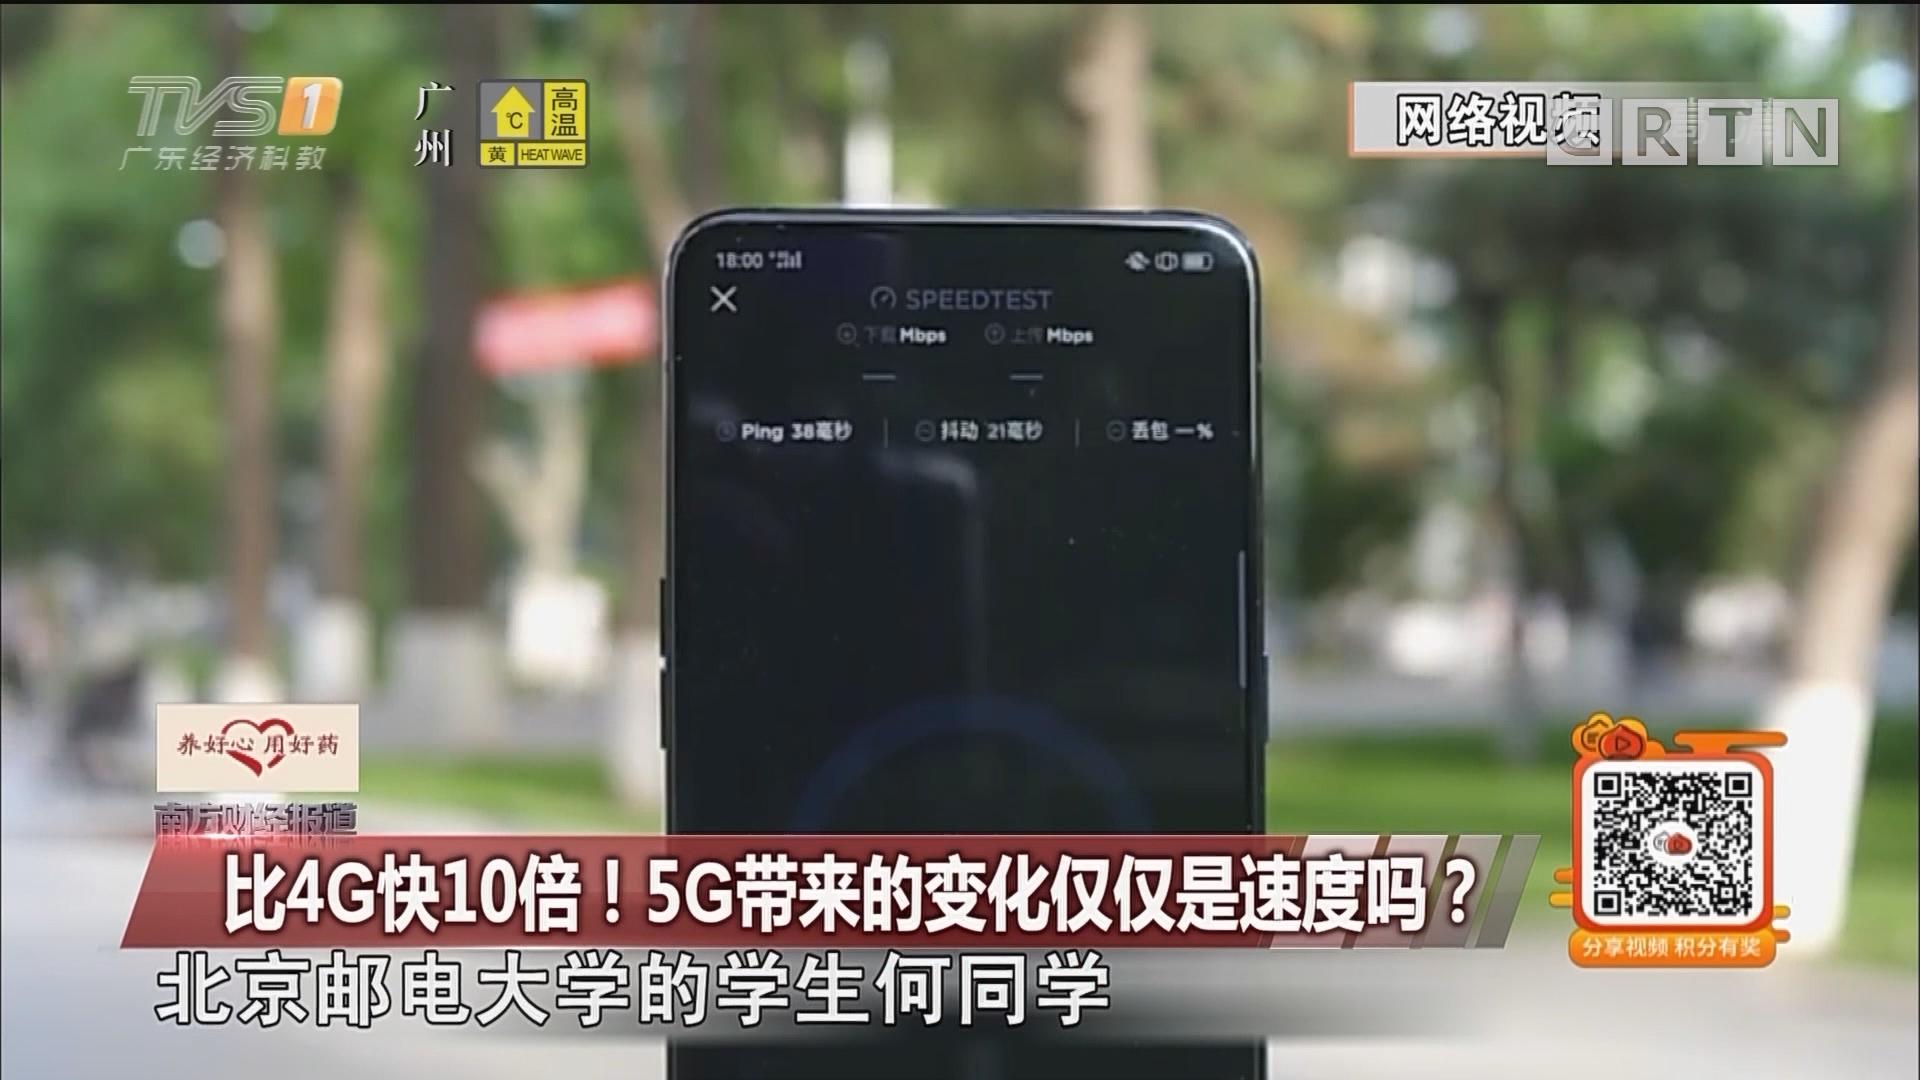 比4G快10倍!5G带来的变化仅仅是速度吗?